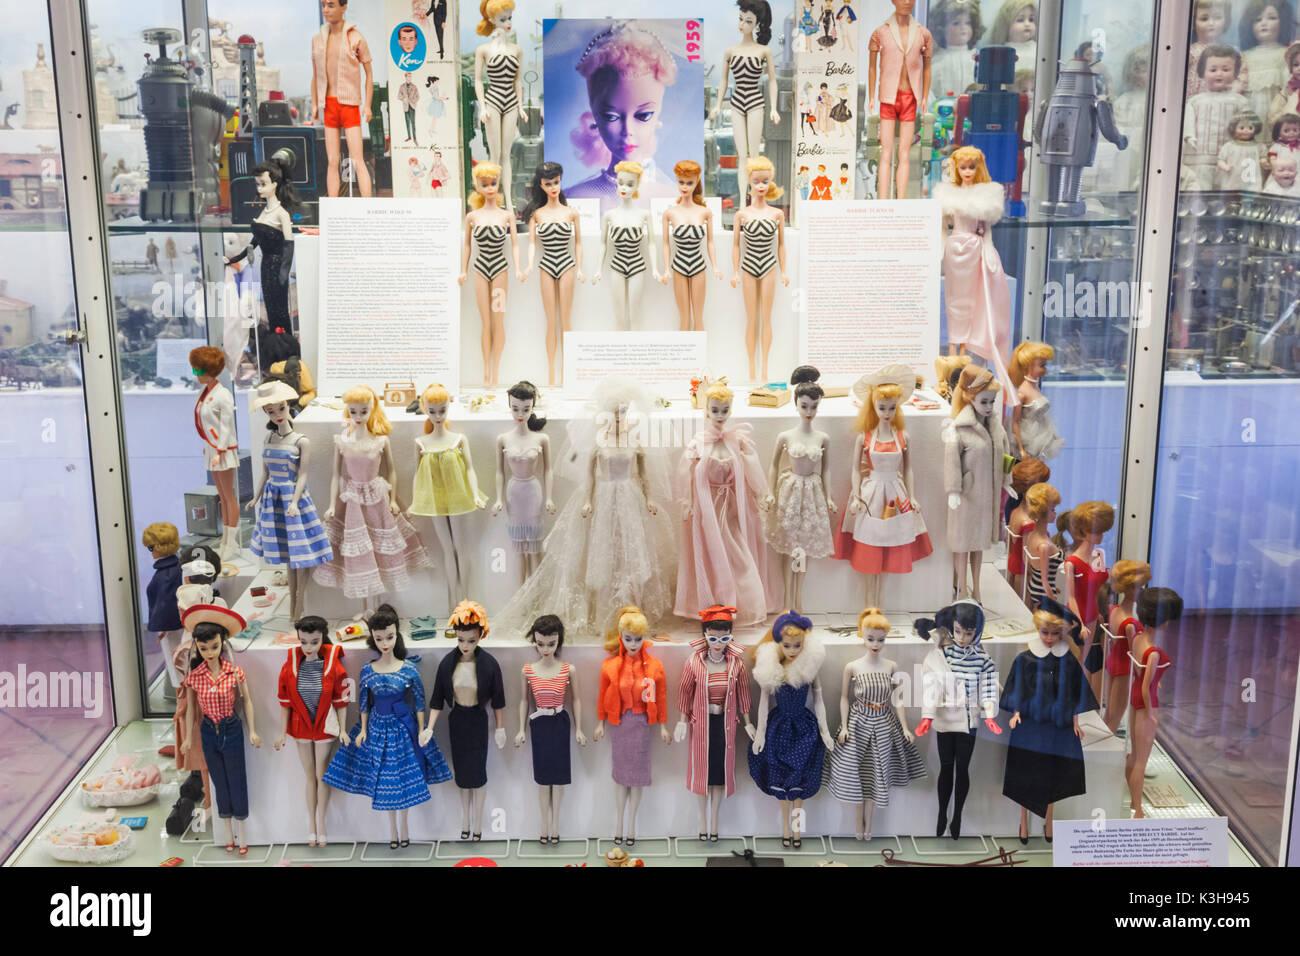 Deutschland Bayern Munchen Marienplatz Dem Alten Rathaus Das Spielzeug Und Teddy Museum Spielzeugmuseum Ausstellung Von Vintage Barbie Puppen Stockfotografie Alamy